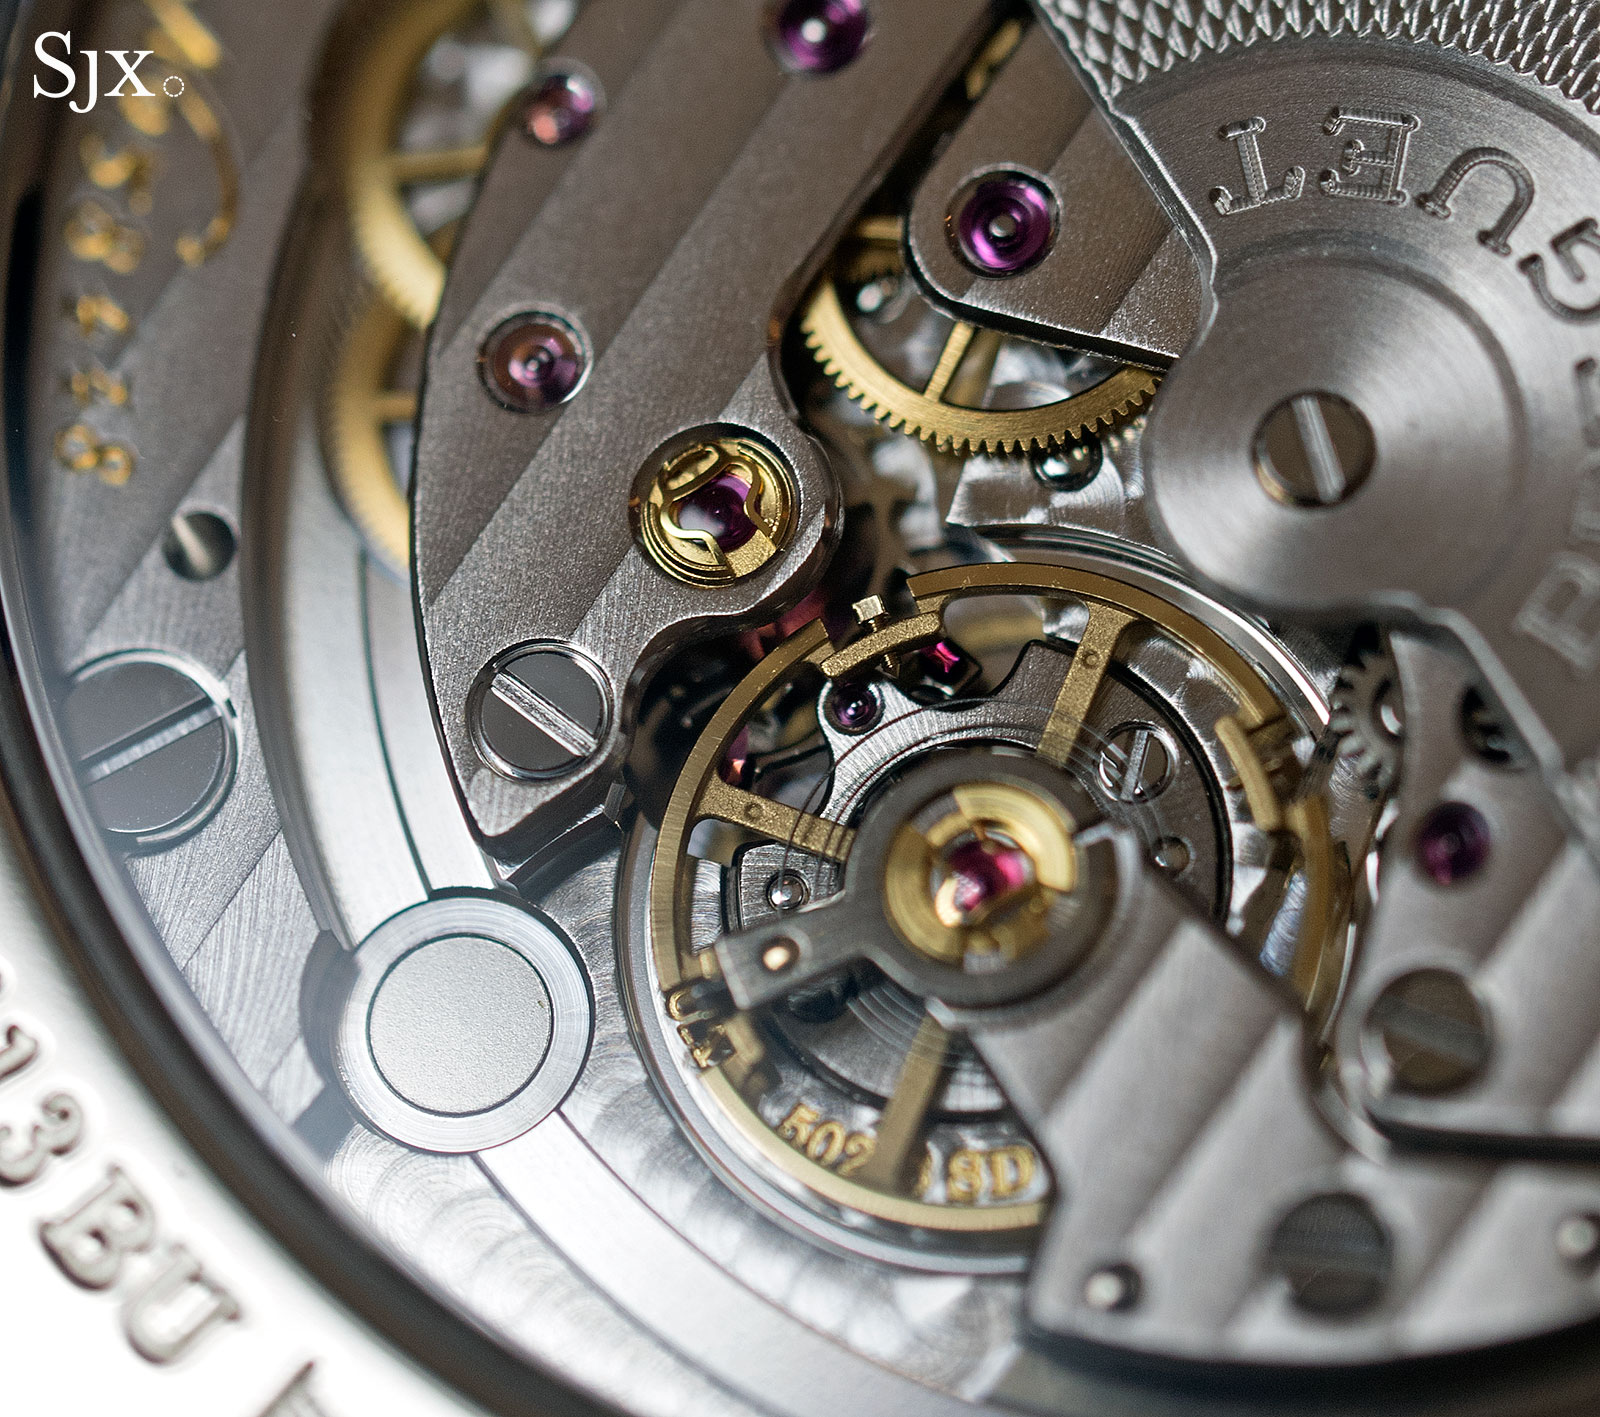 Breguet Classique 7147 enamel dial 14